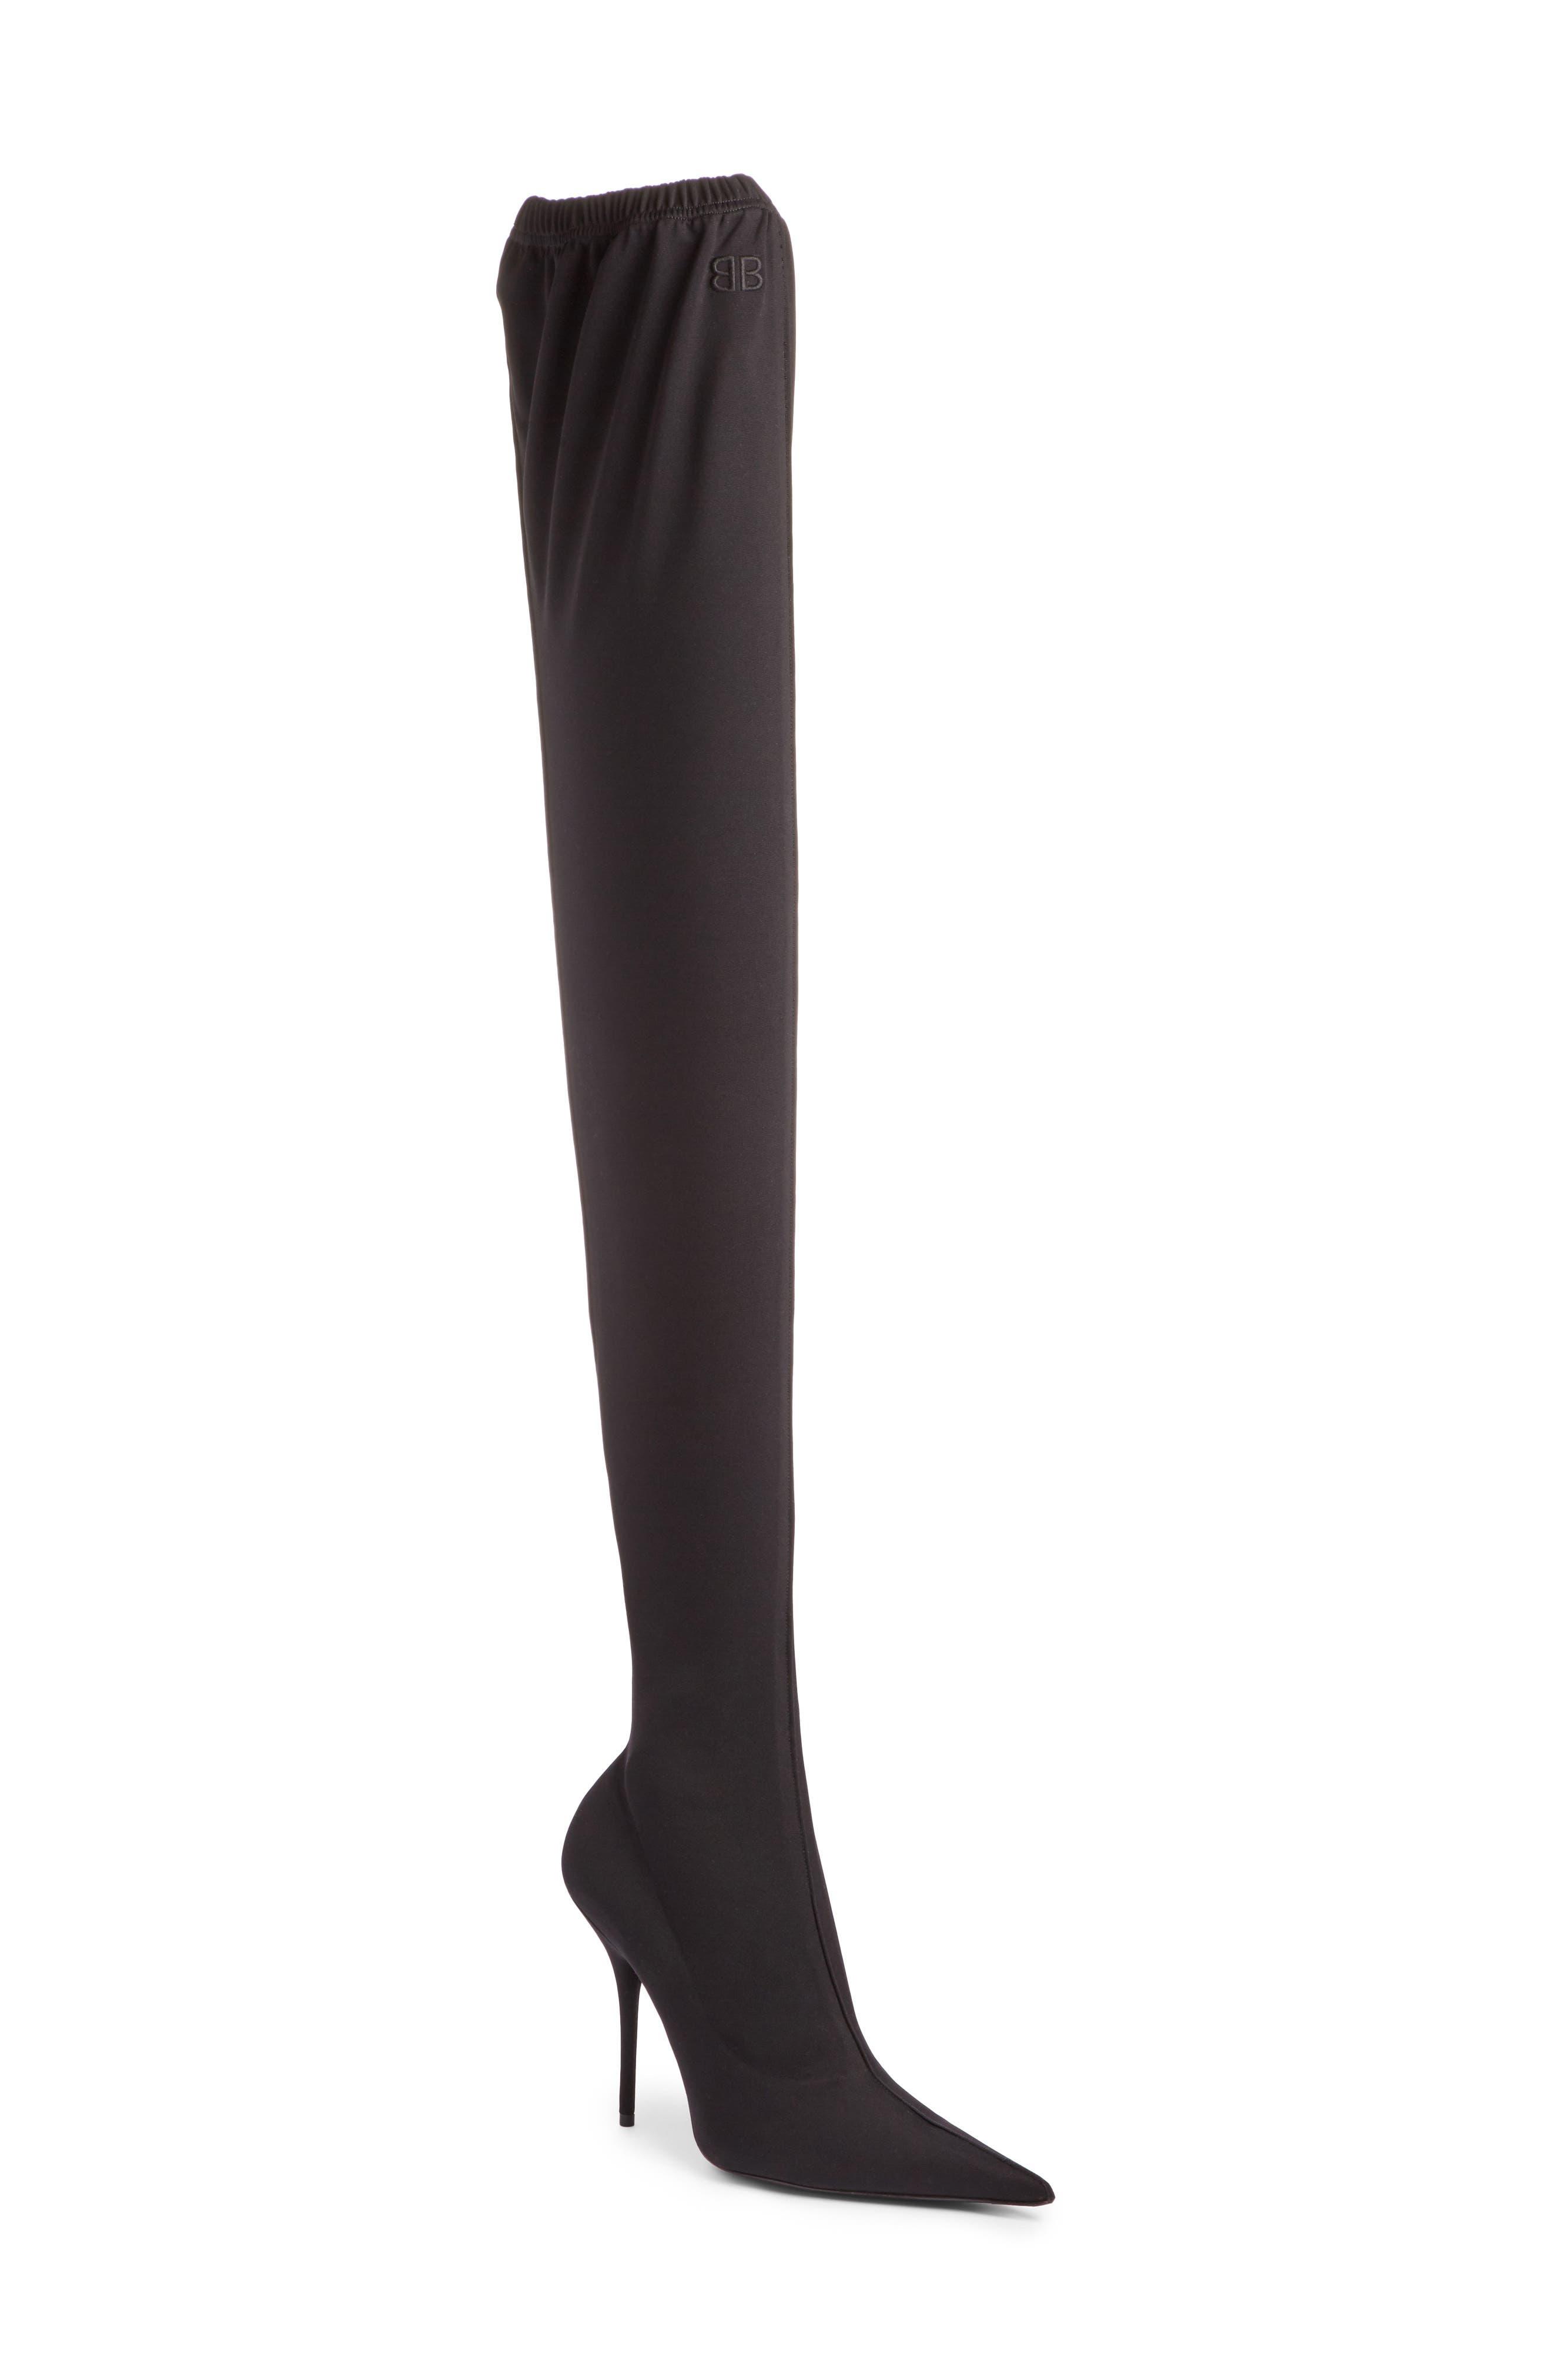 Alternate Image 1 Selected - Balenciaga Thigh High Boot (Women)